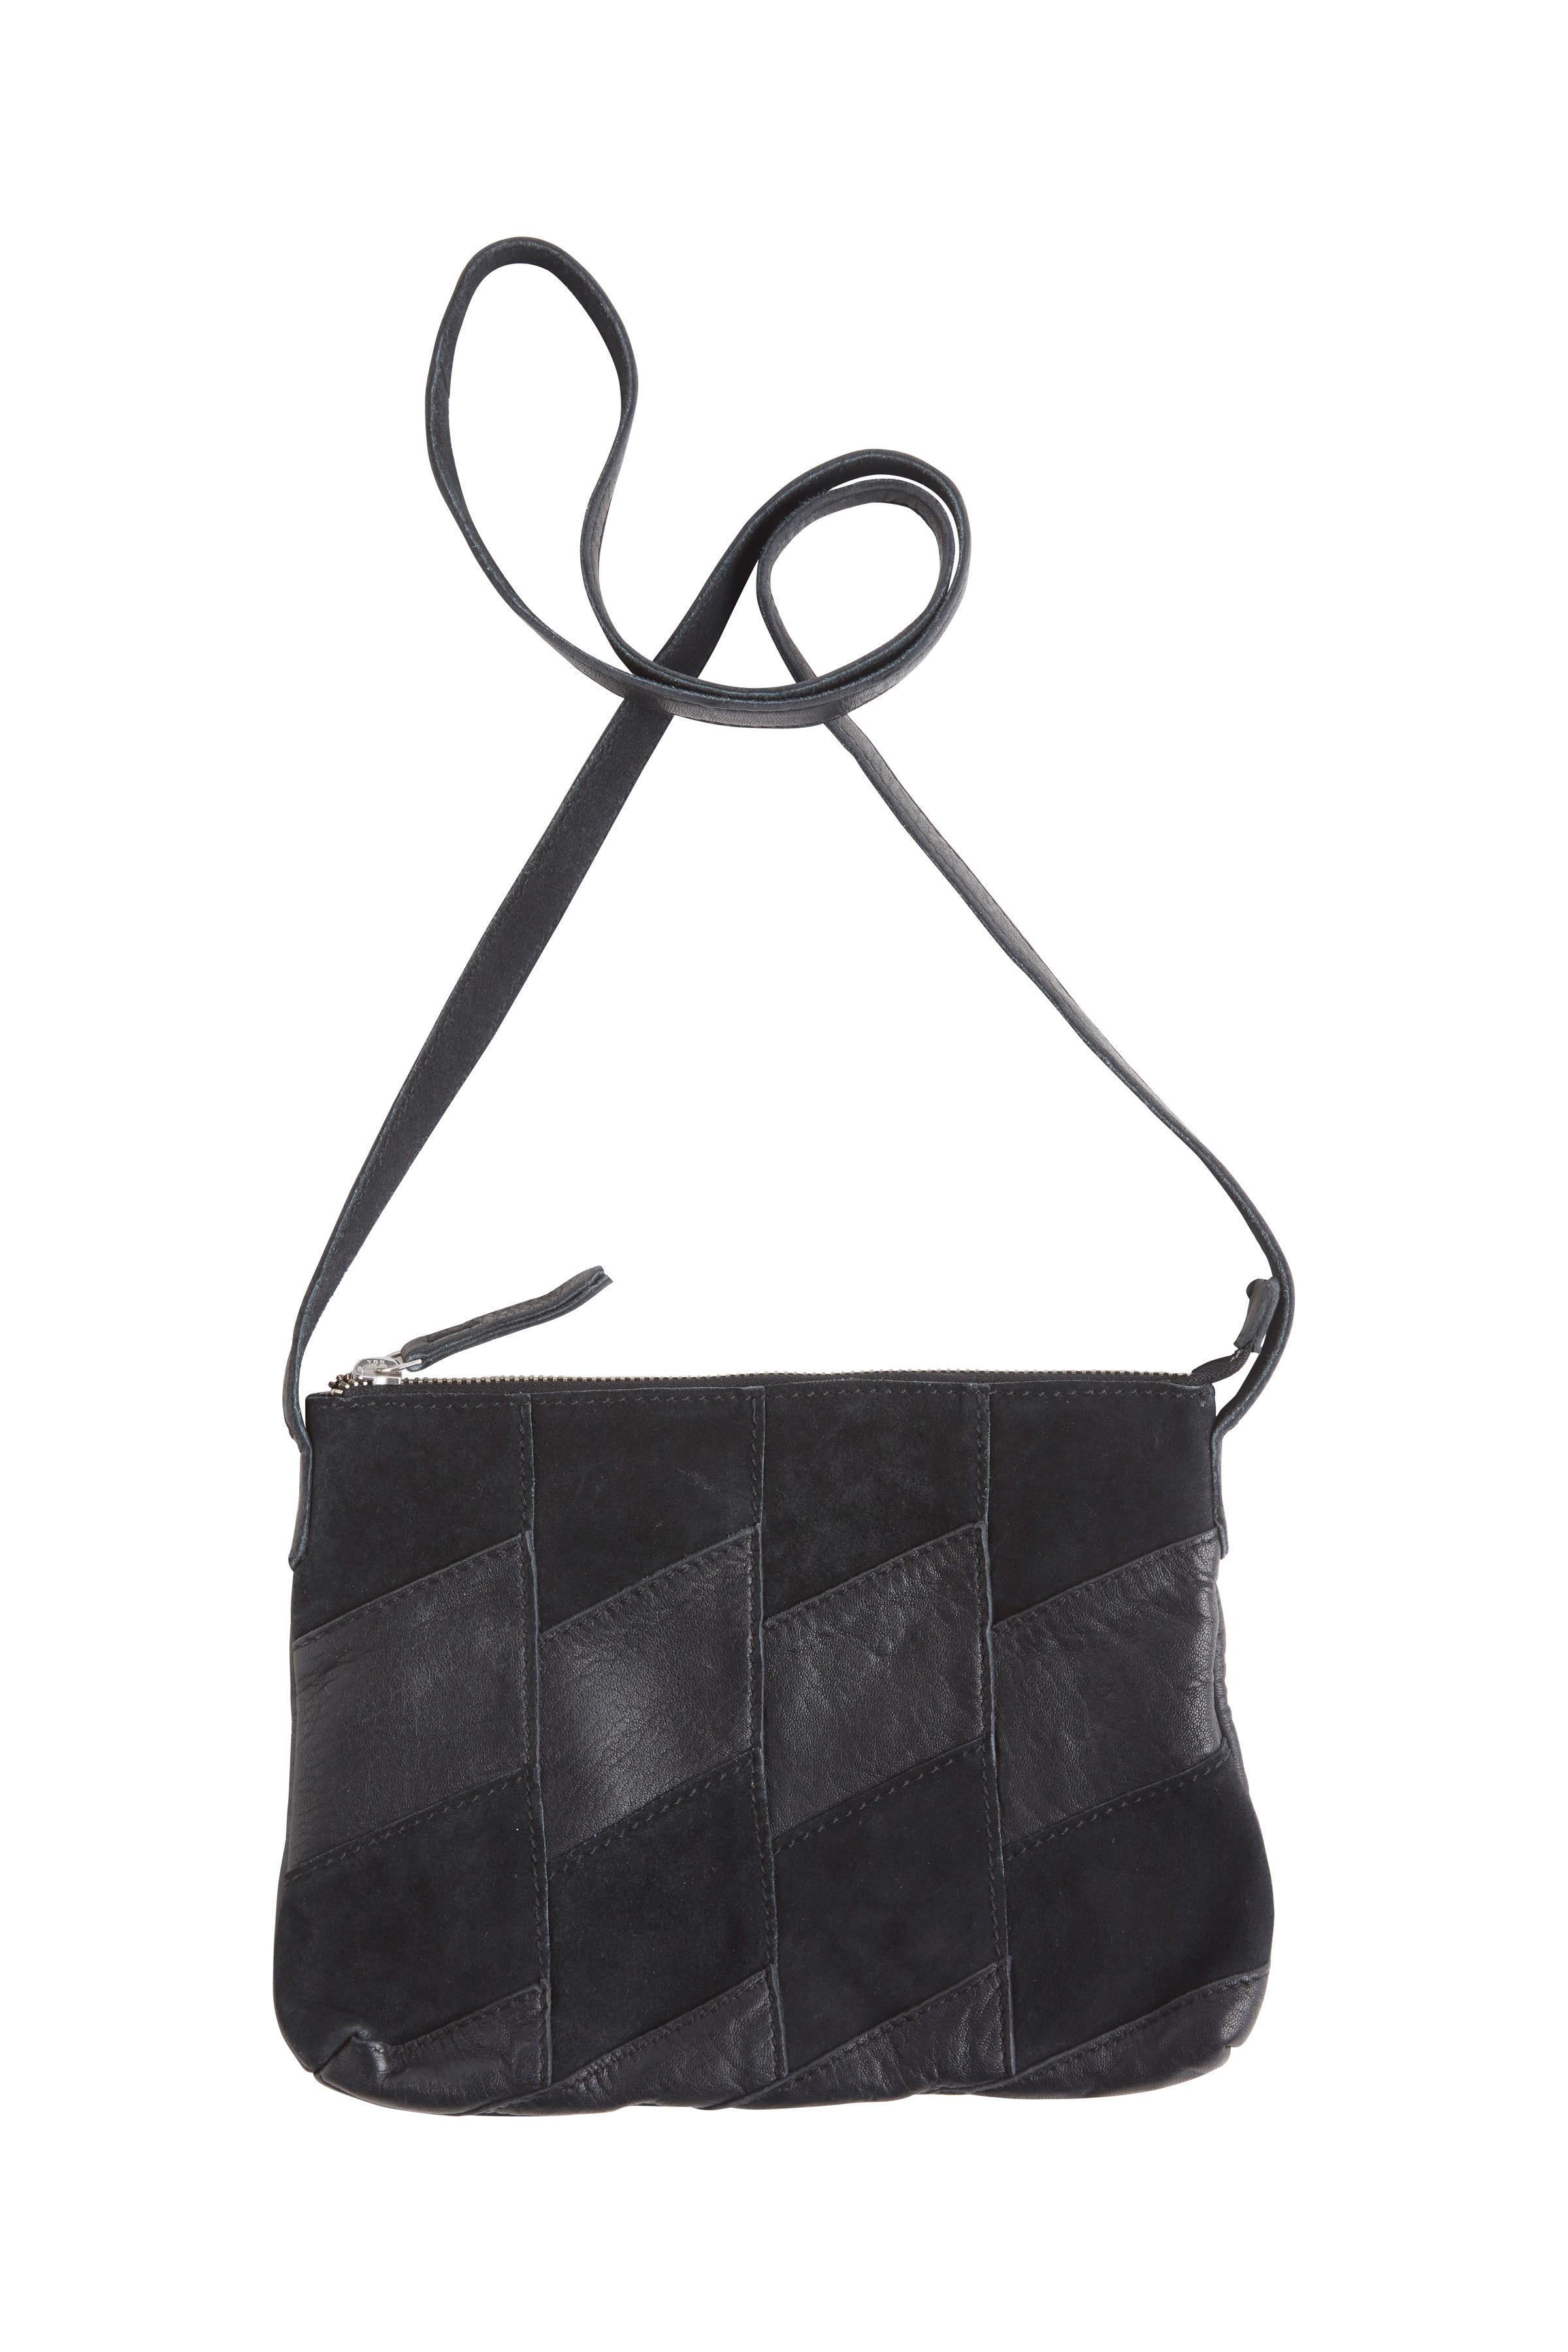 Schwarz Tasche von b.young – Kaufen Sie Schwarz Tasche aus Größe ONE hier